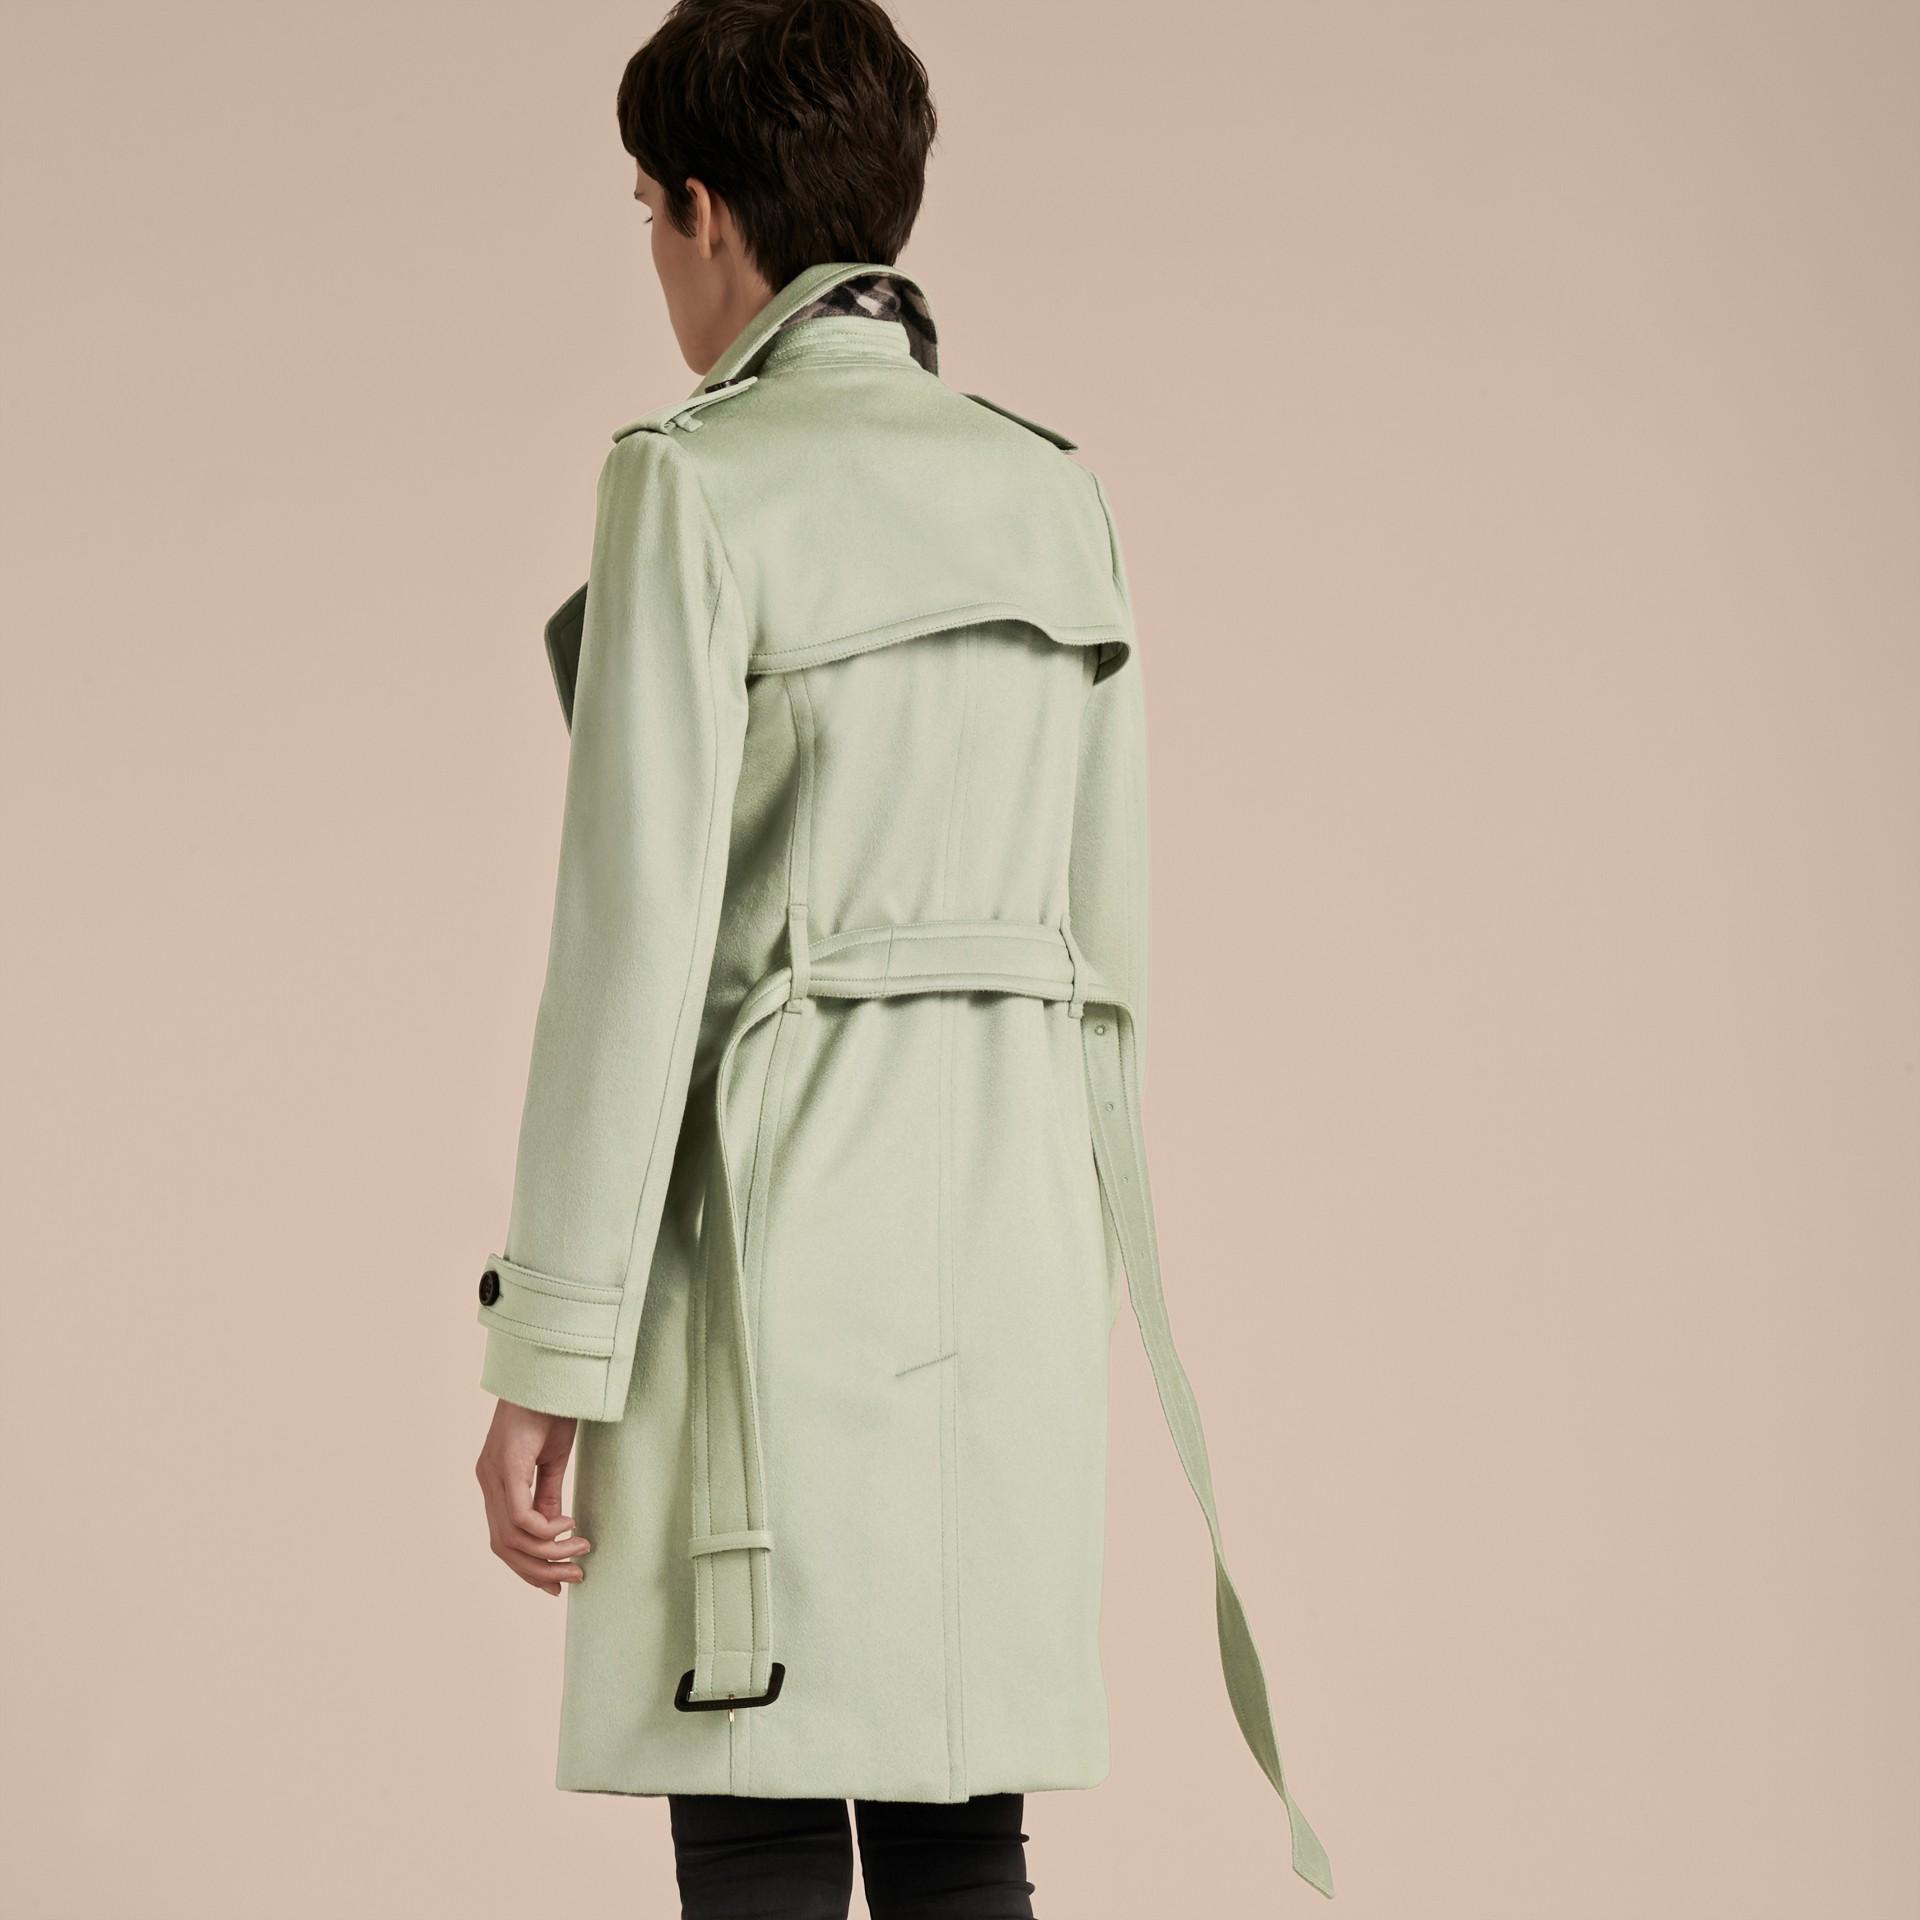 Eucalyptus pâle Trench-coat portefeuille en cachemire - photo de la galerie 3